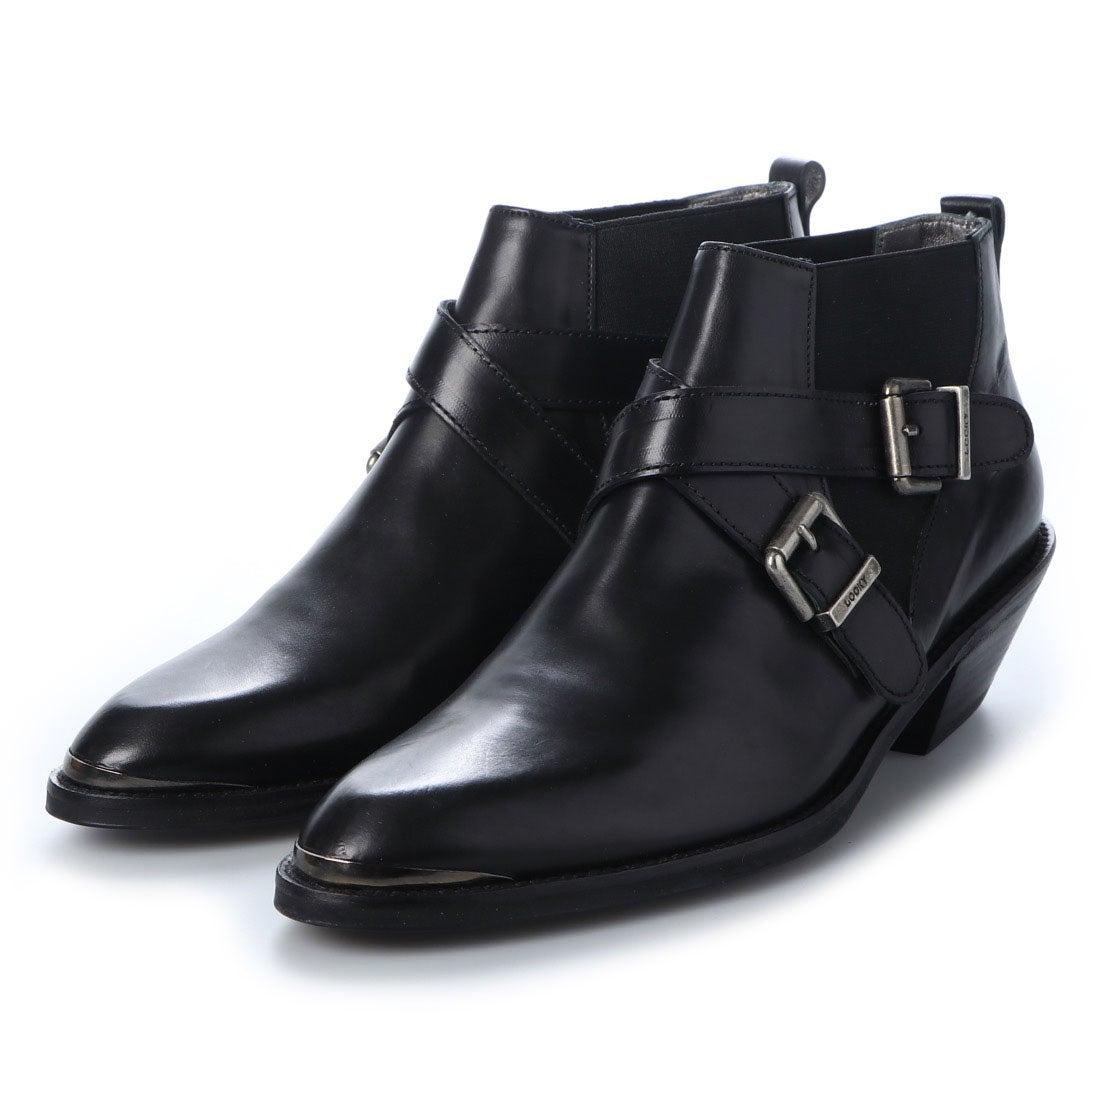 ロコンド 靴とファッションの通販サイトヨーロッパコンフォートシューズ EU Comfort Shoes looky ショートブーツ(0745-A) (ブラック)